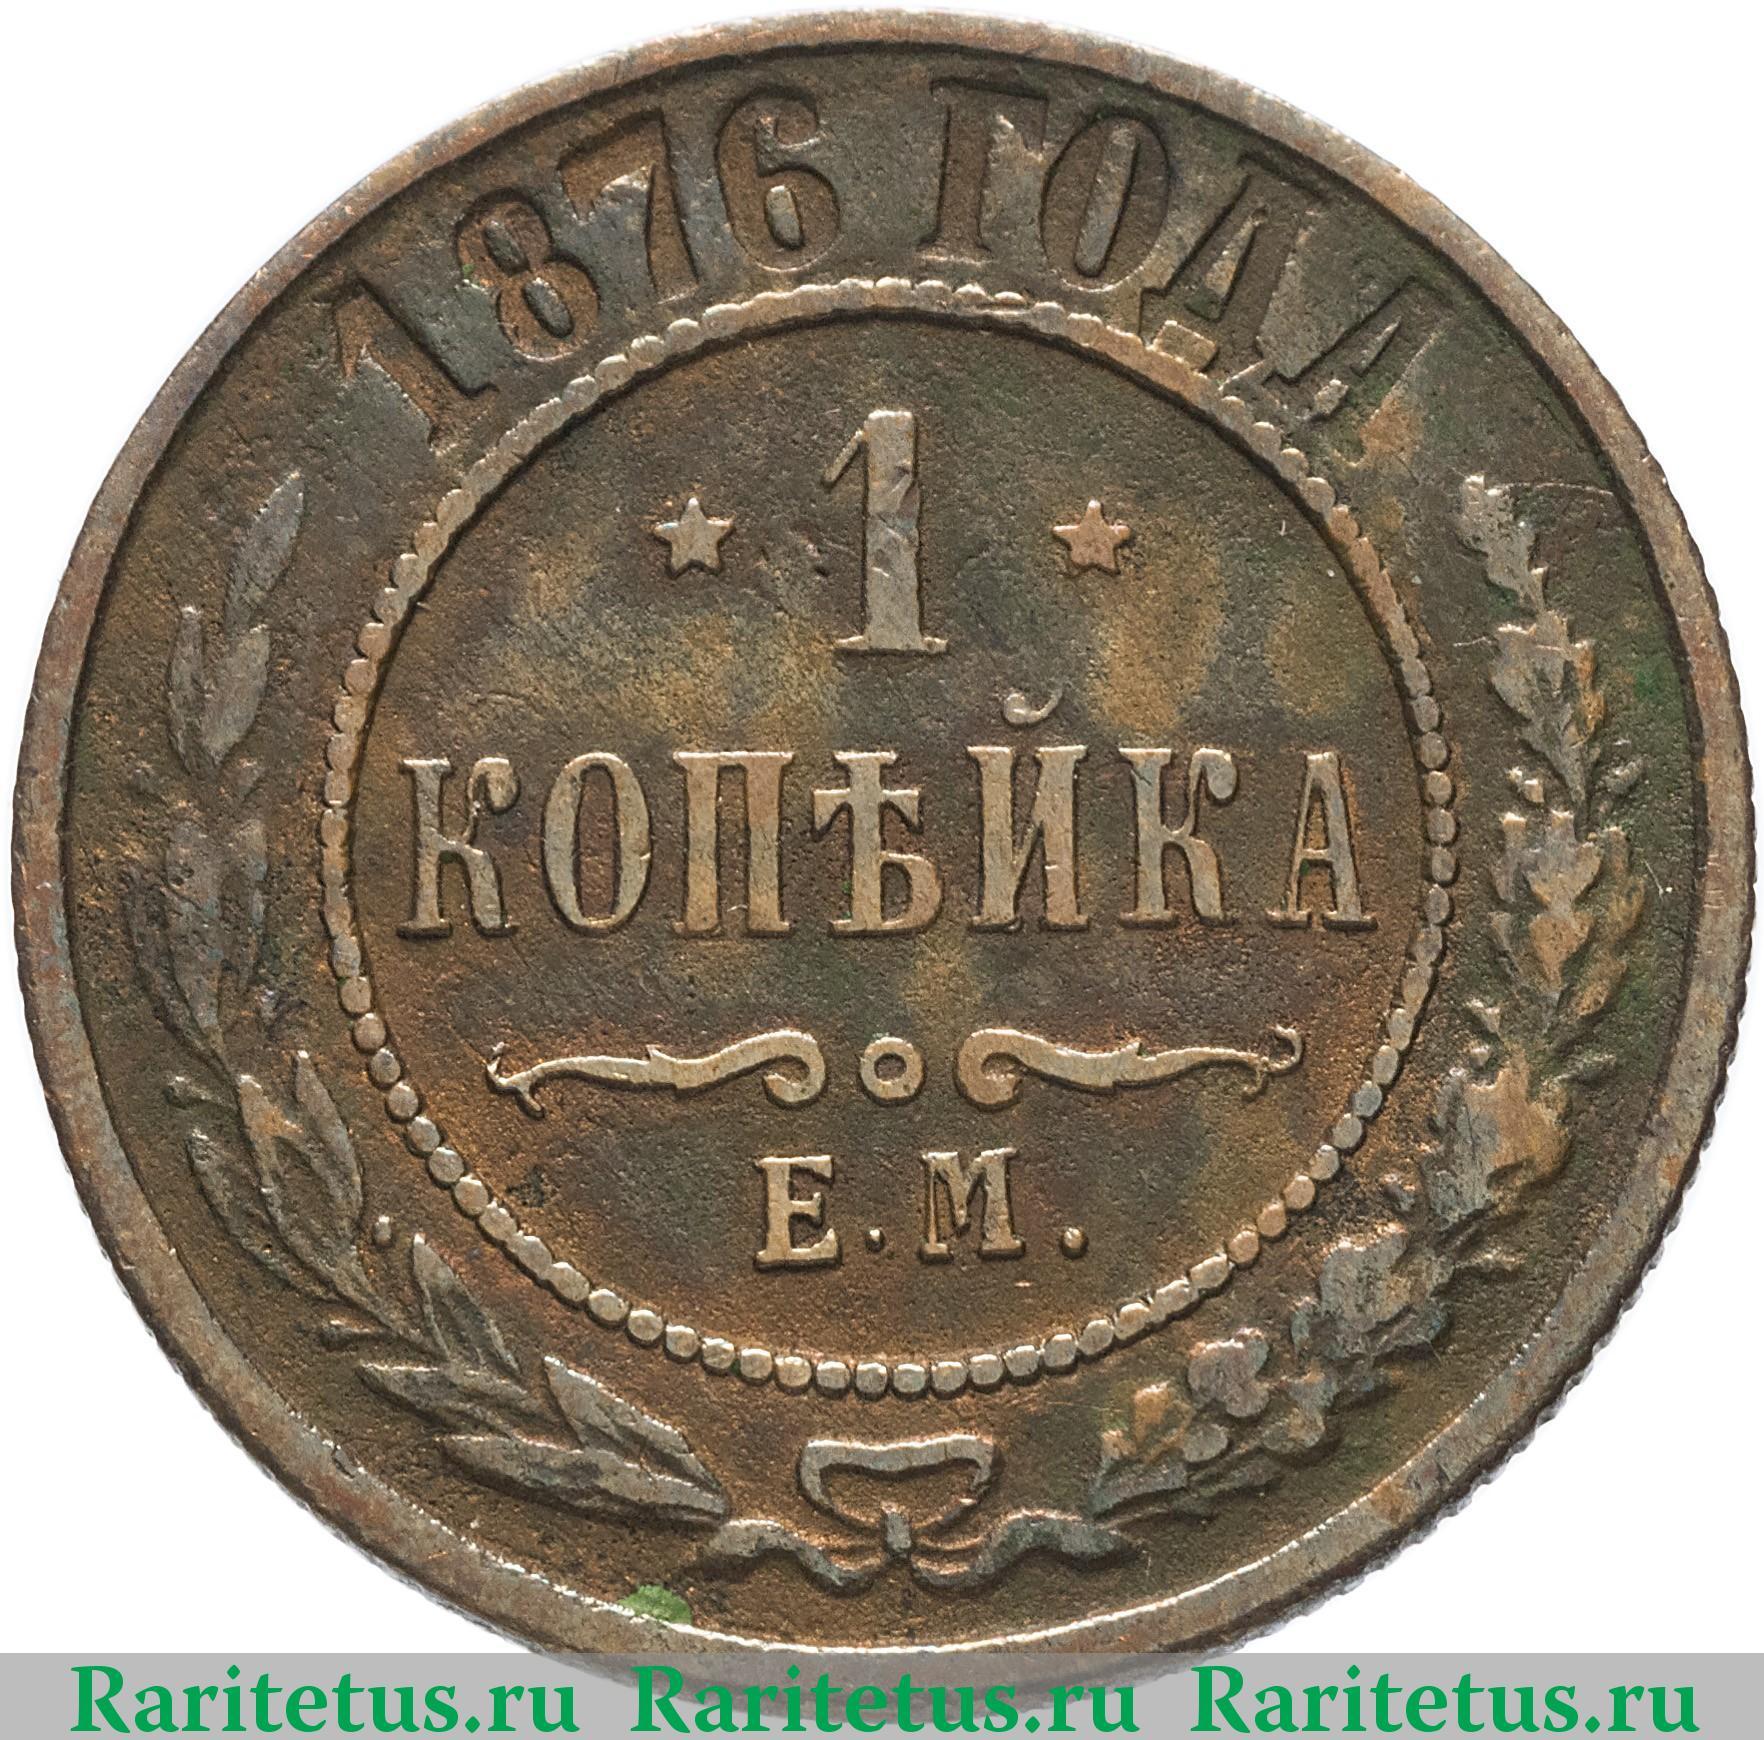 1 копейка 1878 года цена стоимость монеты самый хороший металлоискатель цена